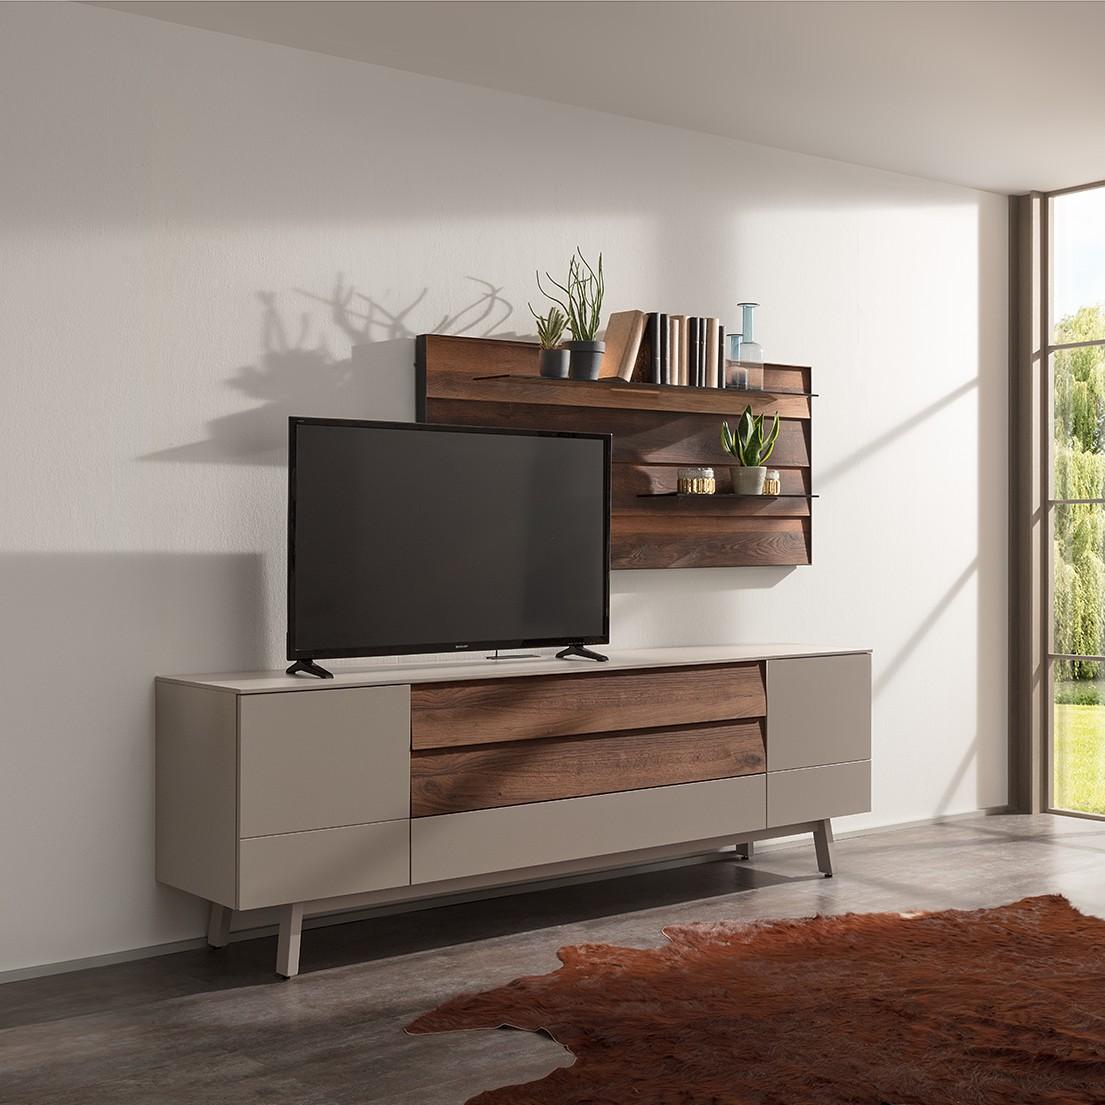 Home24 Tv-wandmeubel Anzio I (4-delig), home24